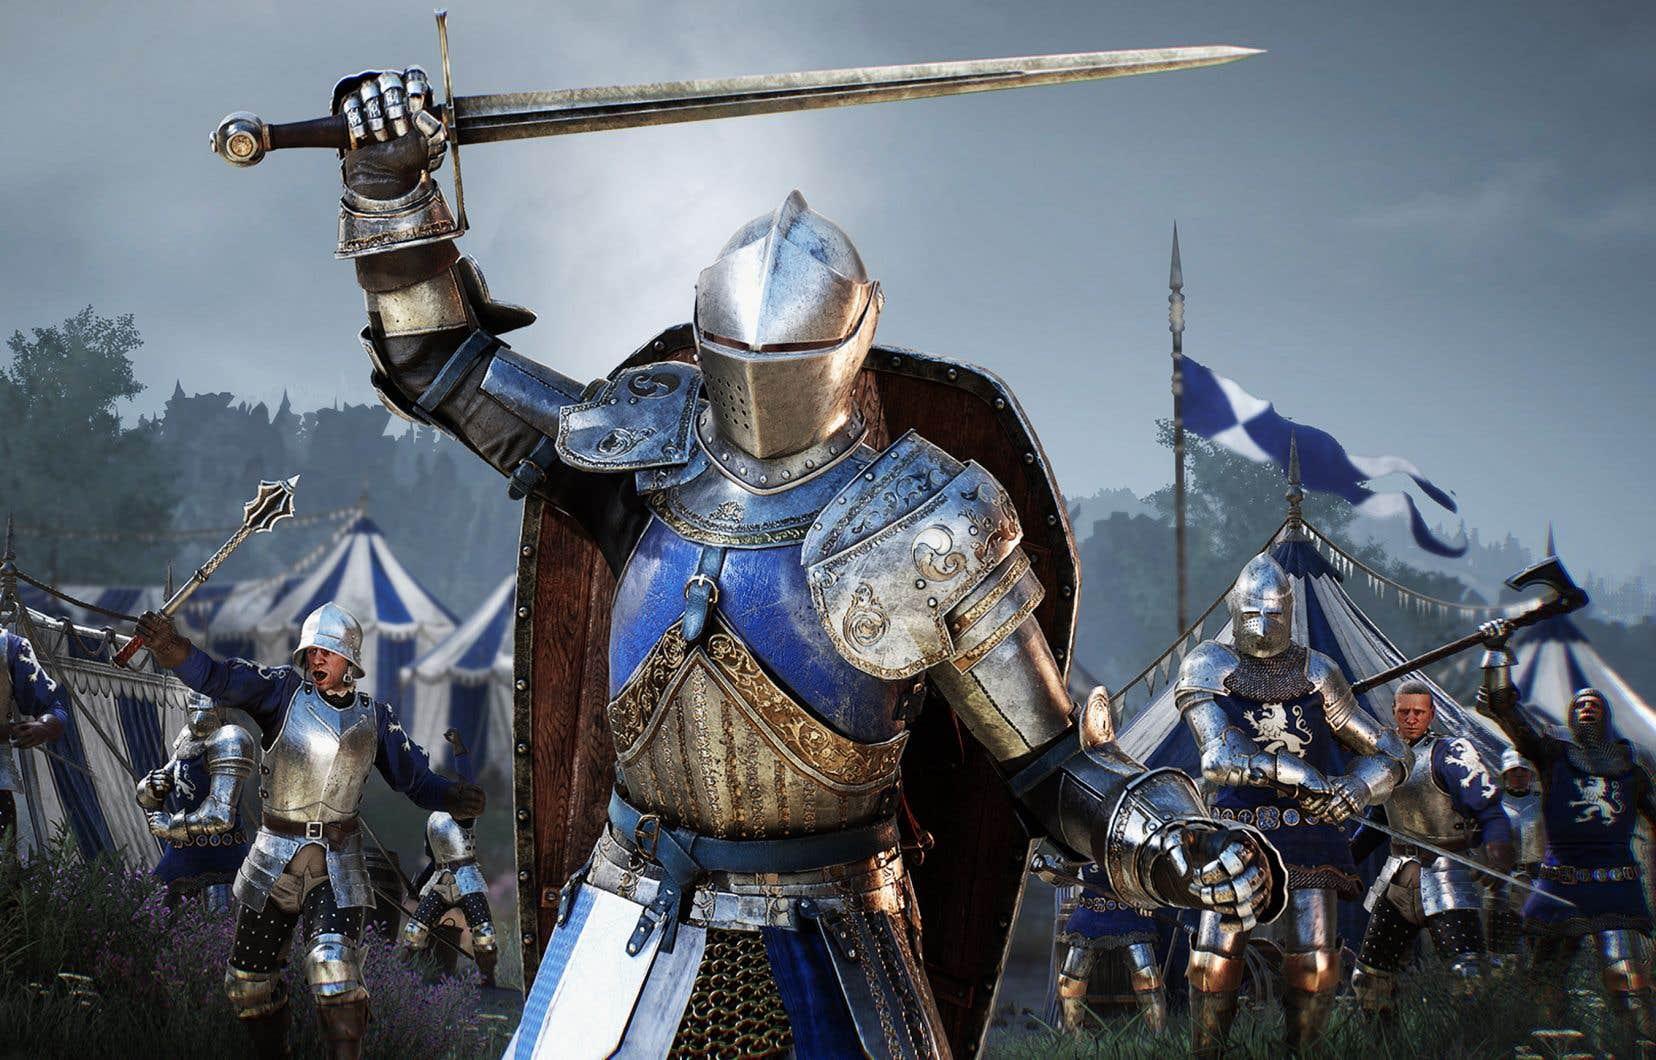 «Chivalry 2» nous transporte dans des champs de bataille médiévaux fictifs, mais surtout épiques.